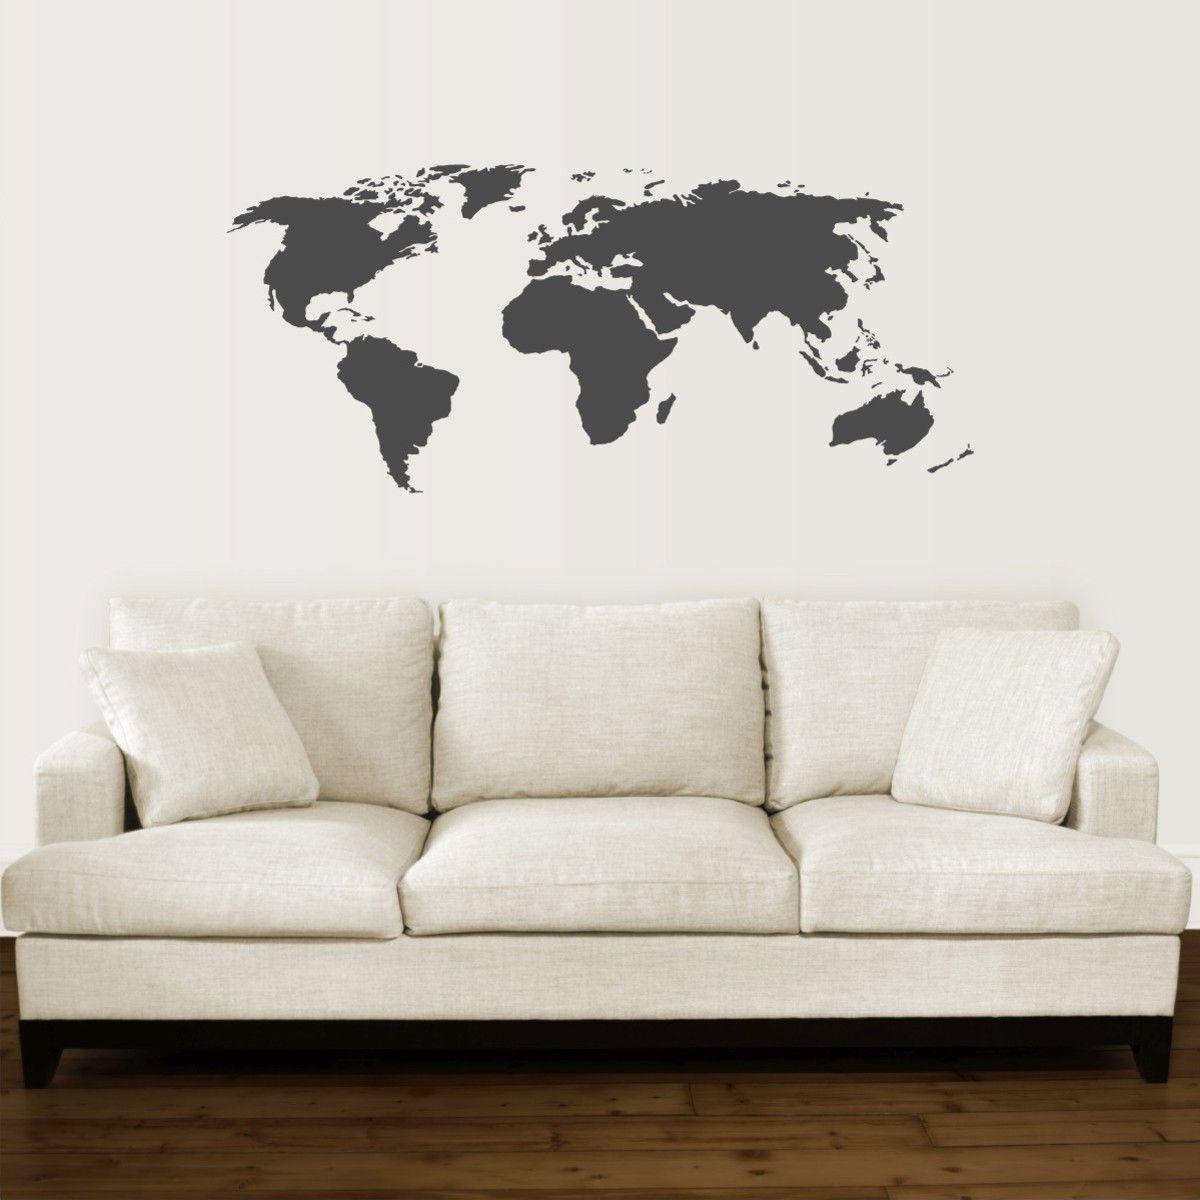 Bedight Wall Art Bedight World Map Vinyl Wall Art | Buy Online In Inside Recent Vinyl Wall Art World Map (View 4 of 20)